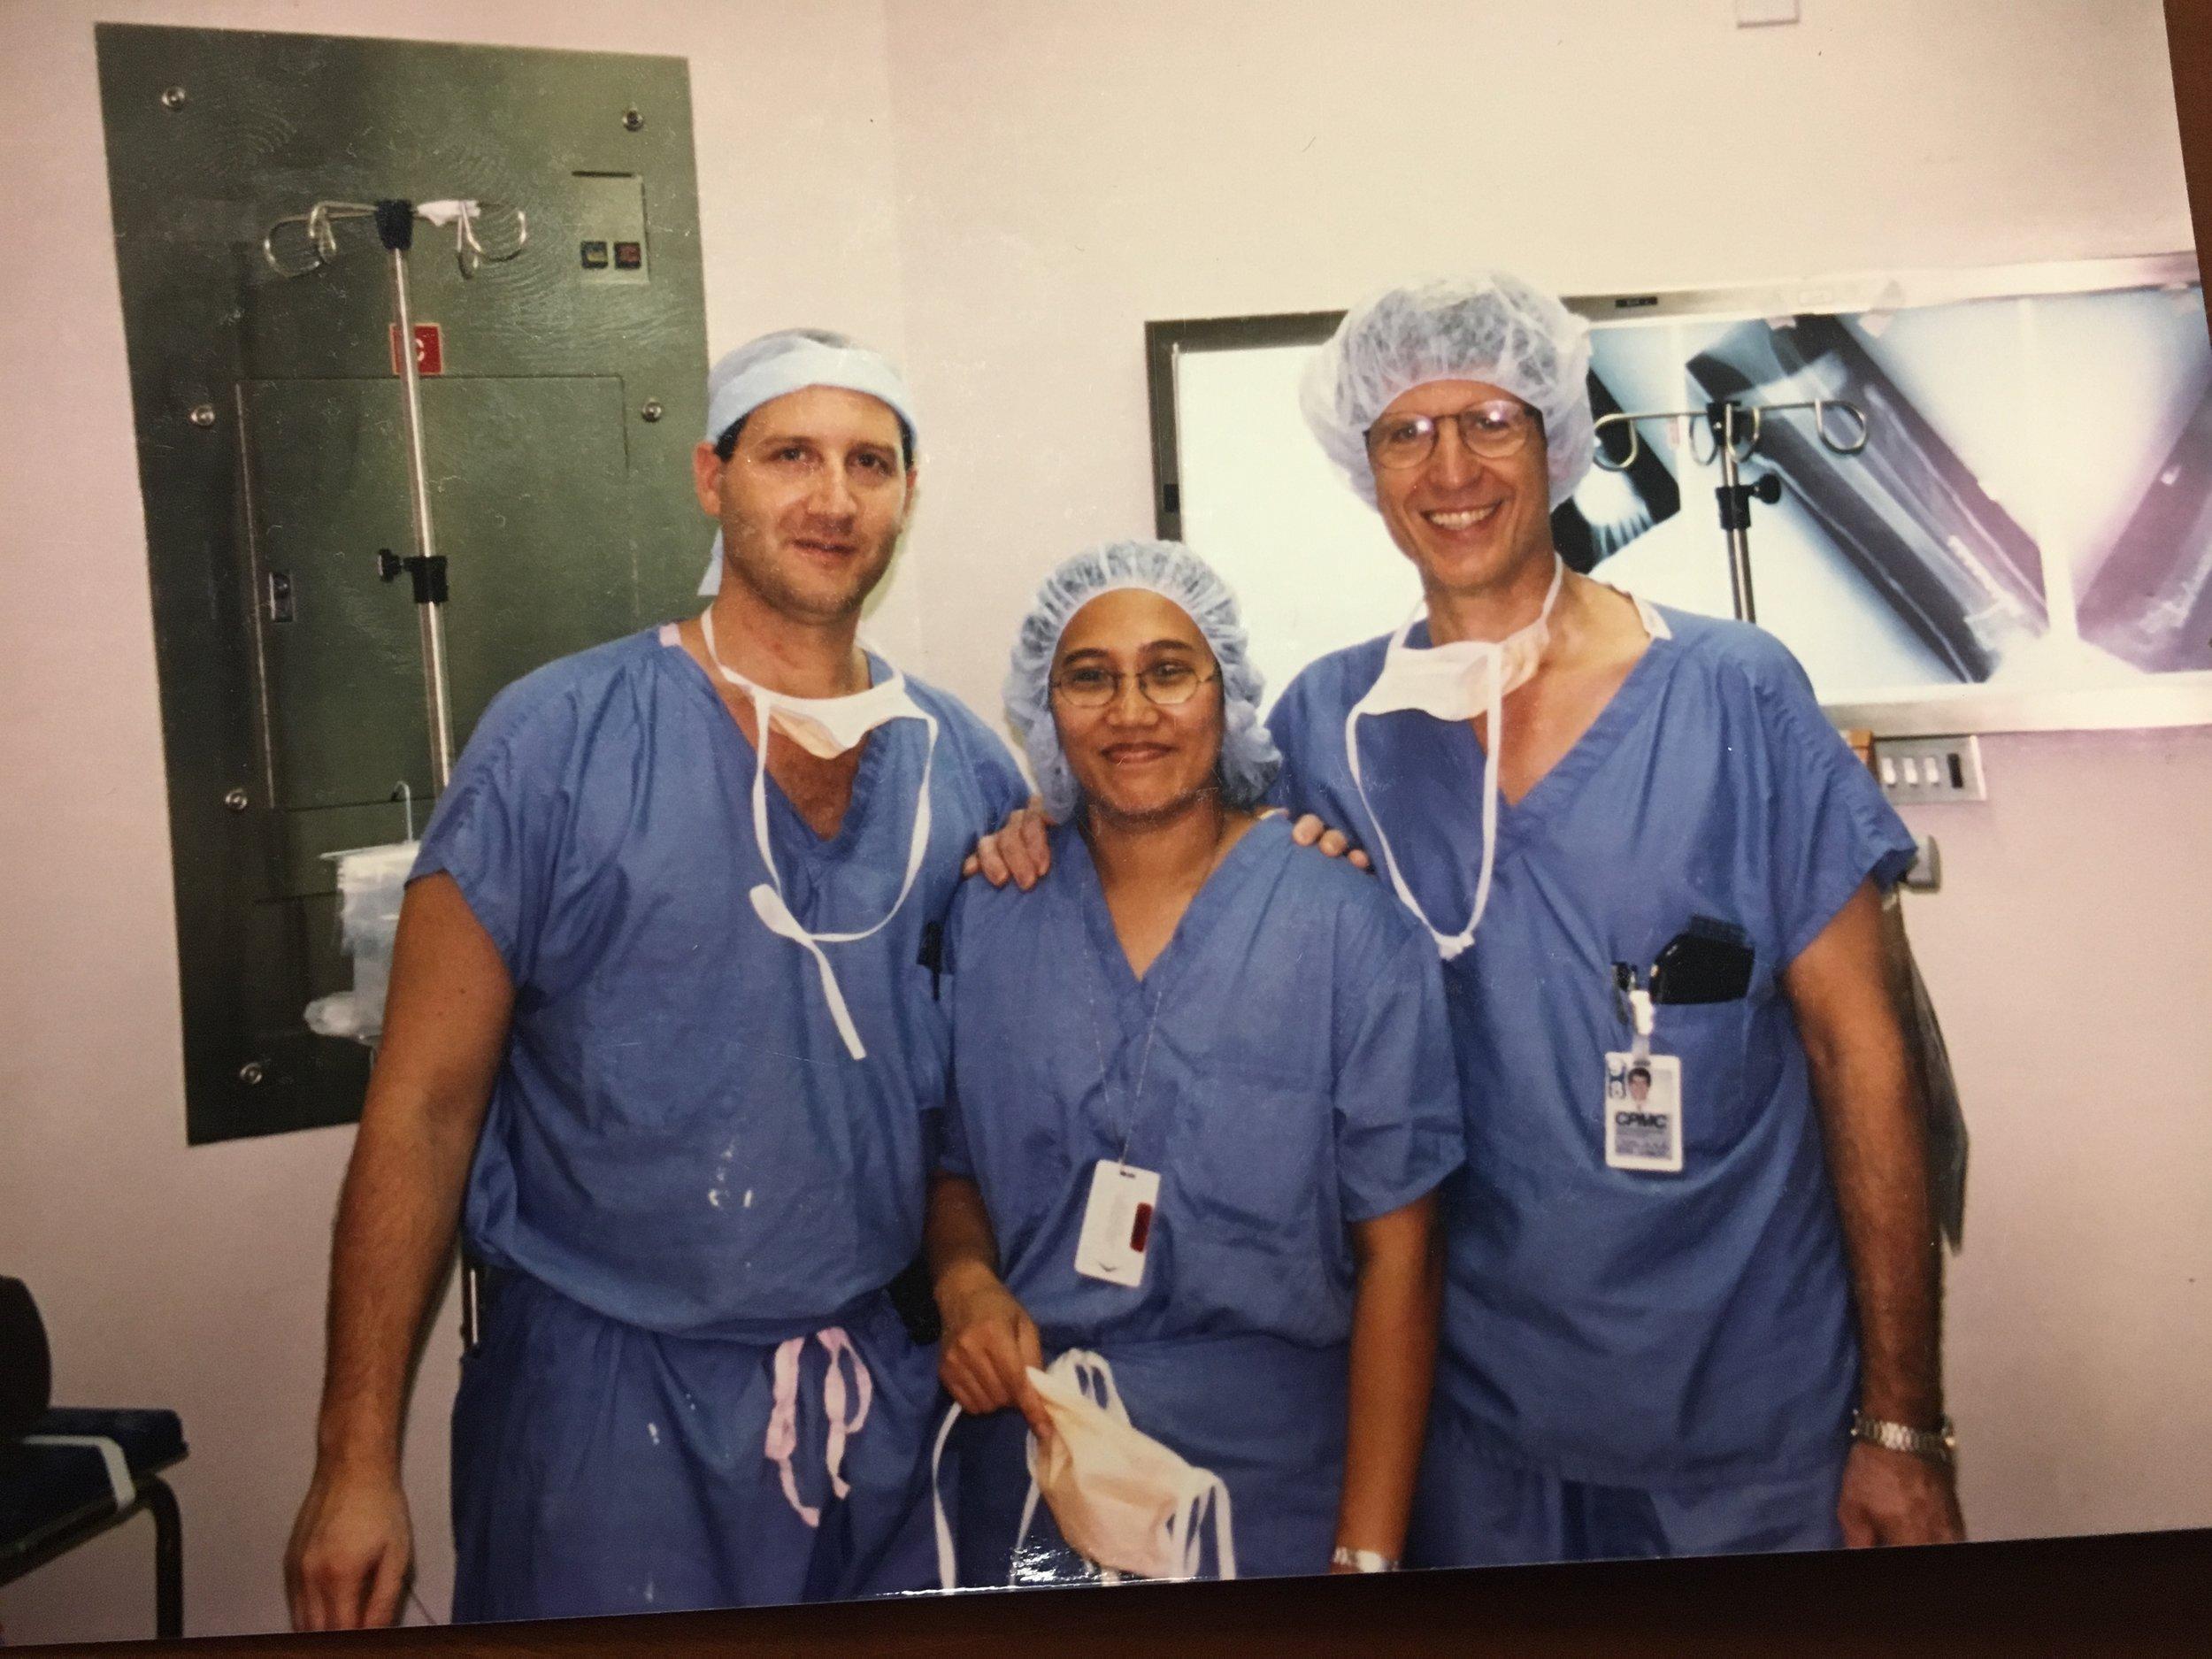 一张老照片:20年前的我(右)与我当时的住院医Enrico Stazzone(左)在手术室中的合影,他现在是圣路易斯市慈爱医院的一位小儿骨科医生。